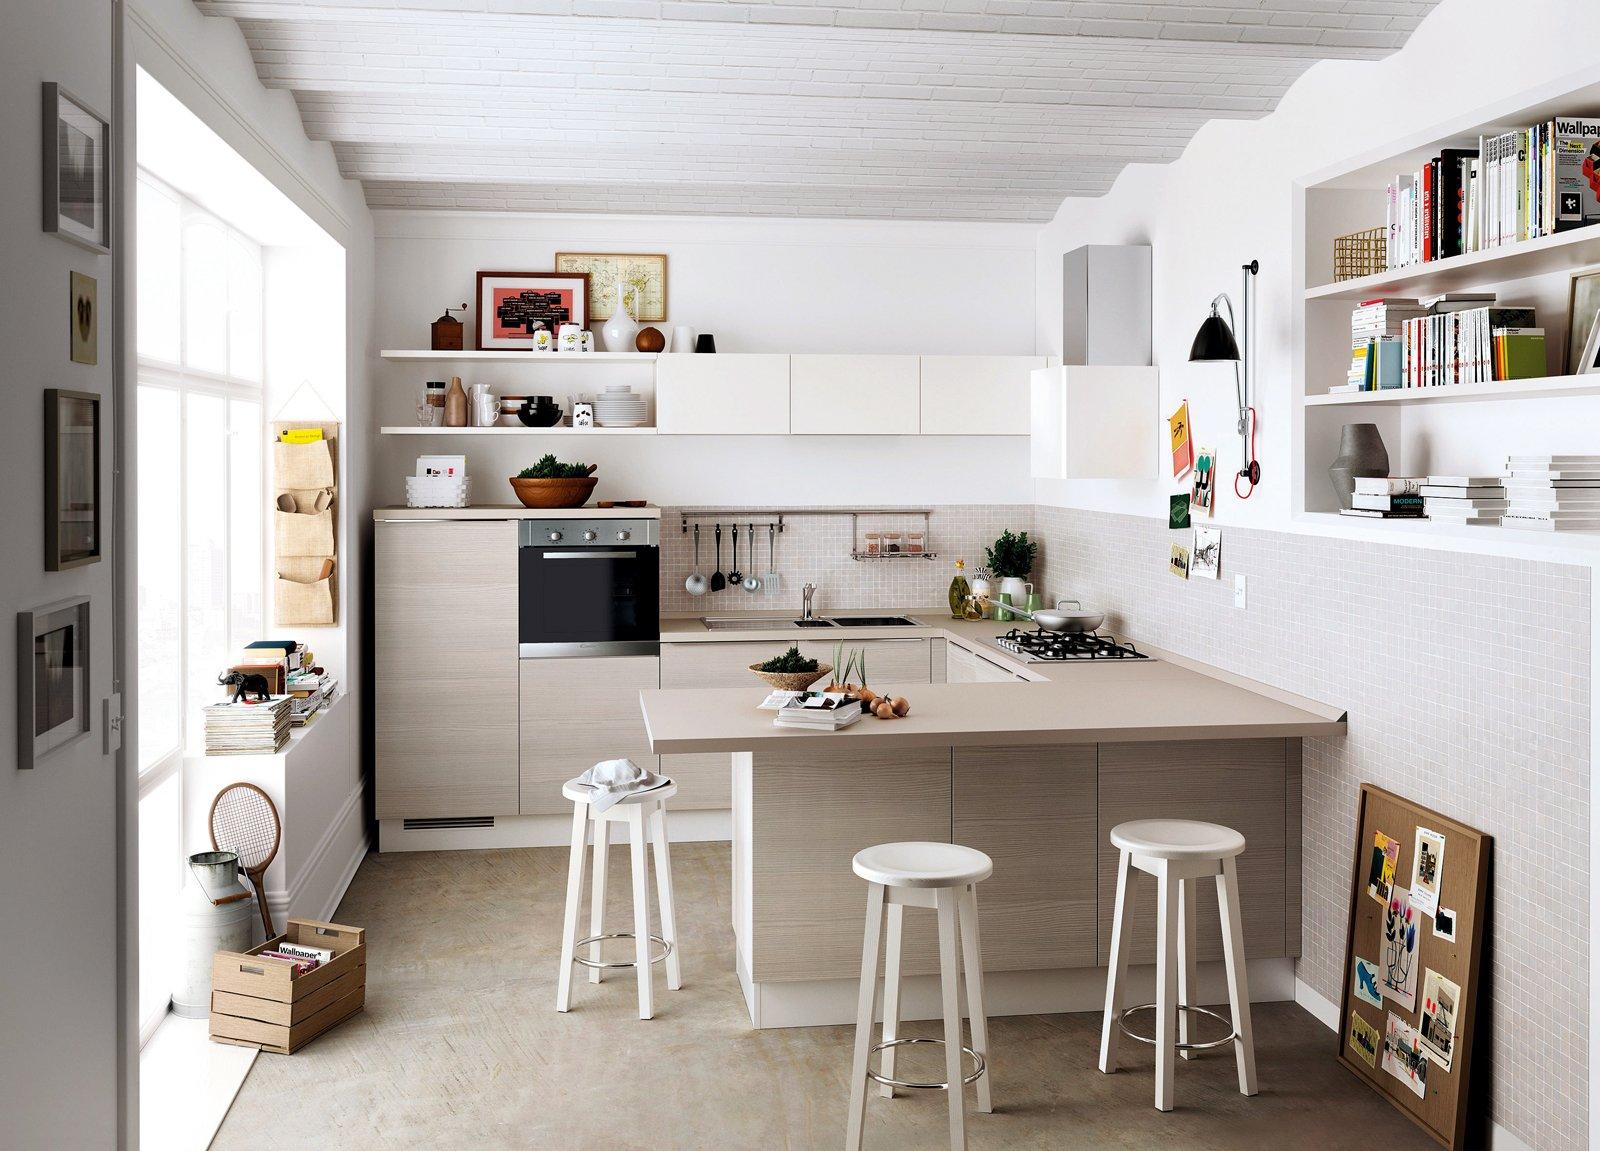 Cucine Piccole Complete Di Tutto Quello Cui Non Si Può Rinunciare  #A36728 1600 1151 Cucine Piccole E Belle